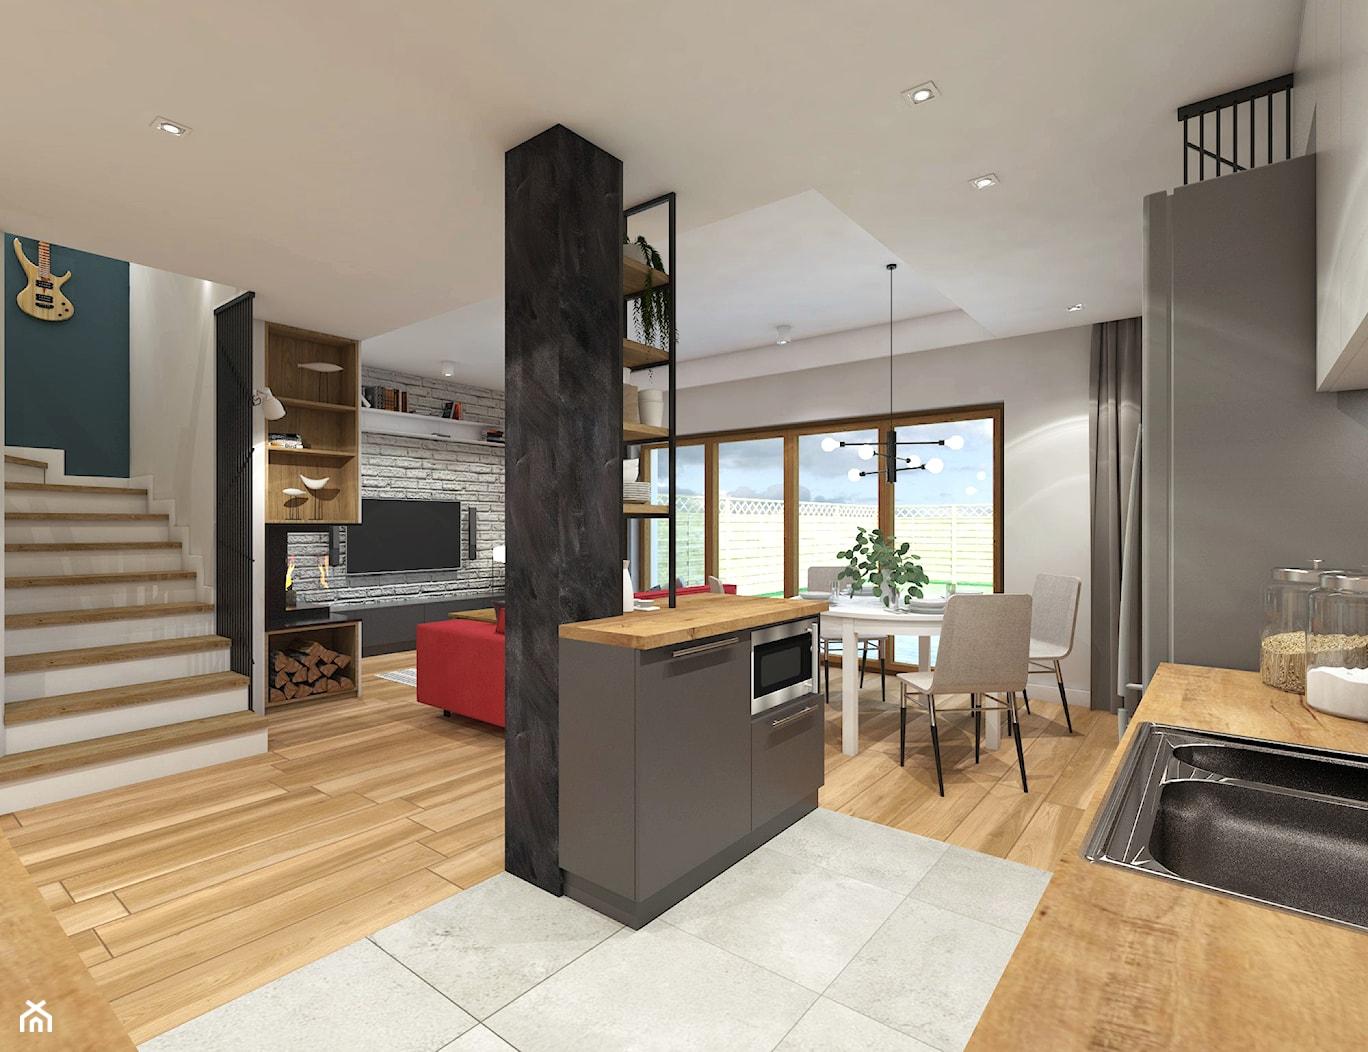 Dom w Rudzie Śląskiej - Kuchnia, styl nowoczesny - zdjęcie od nanoSTUDIO - Homebook